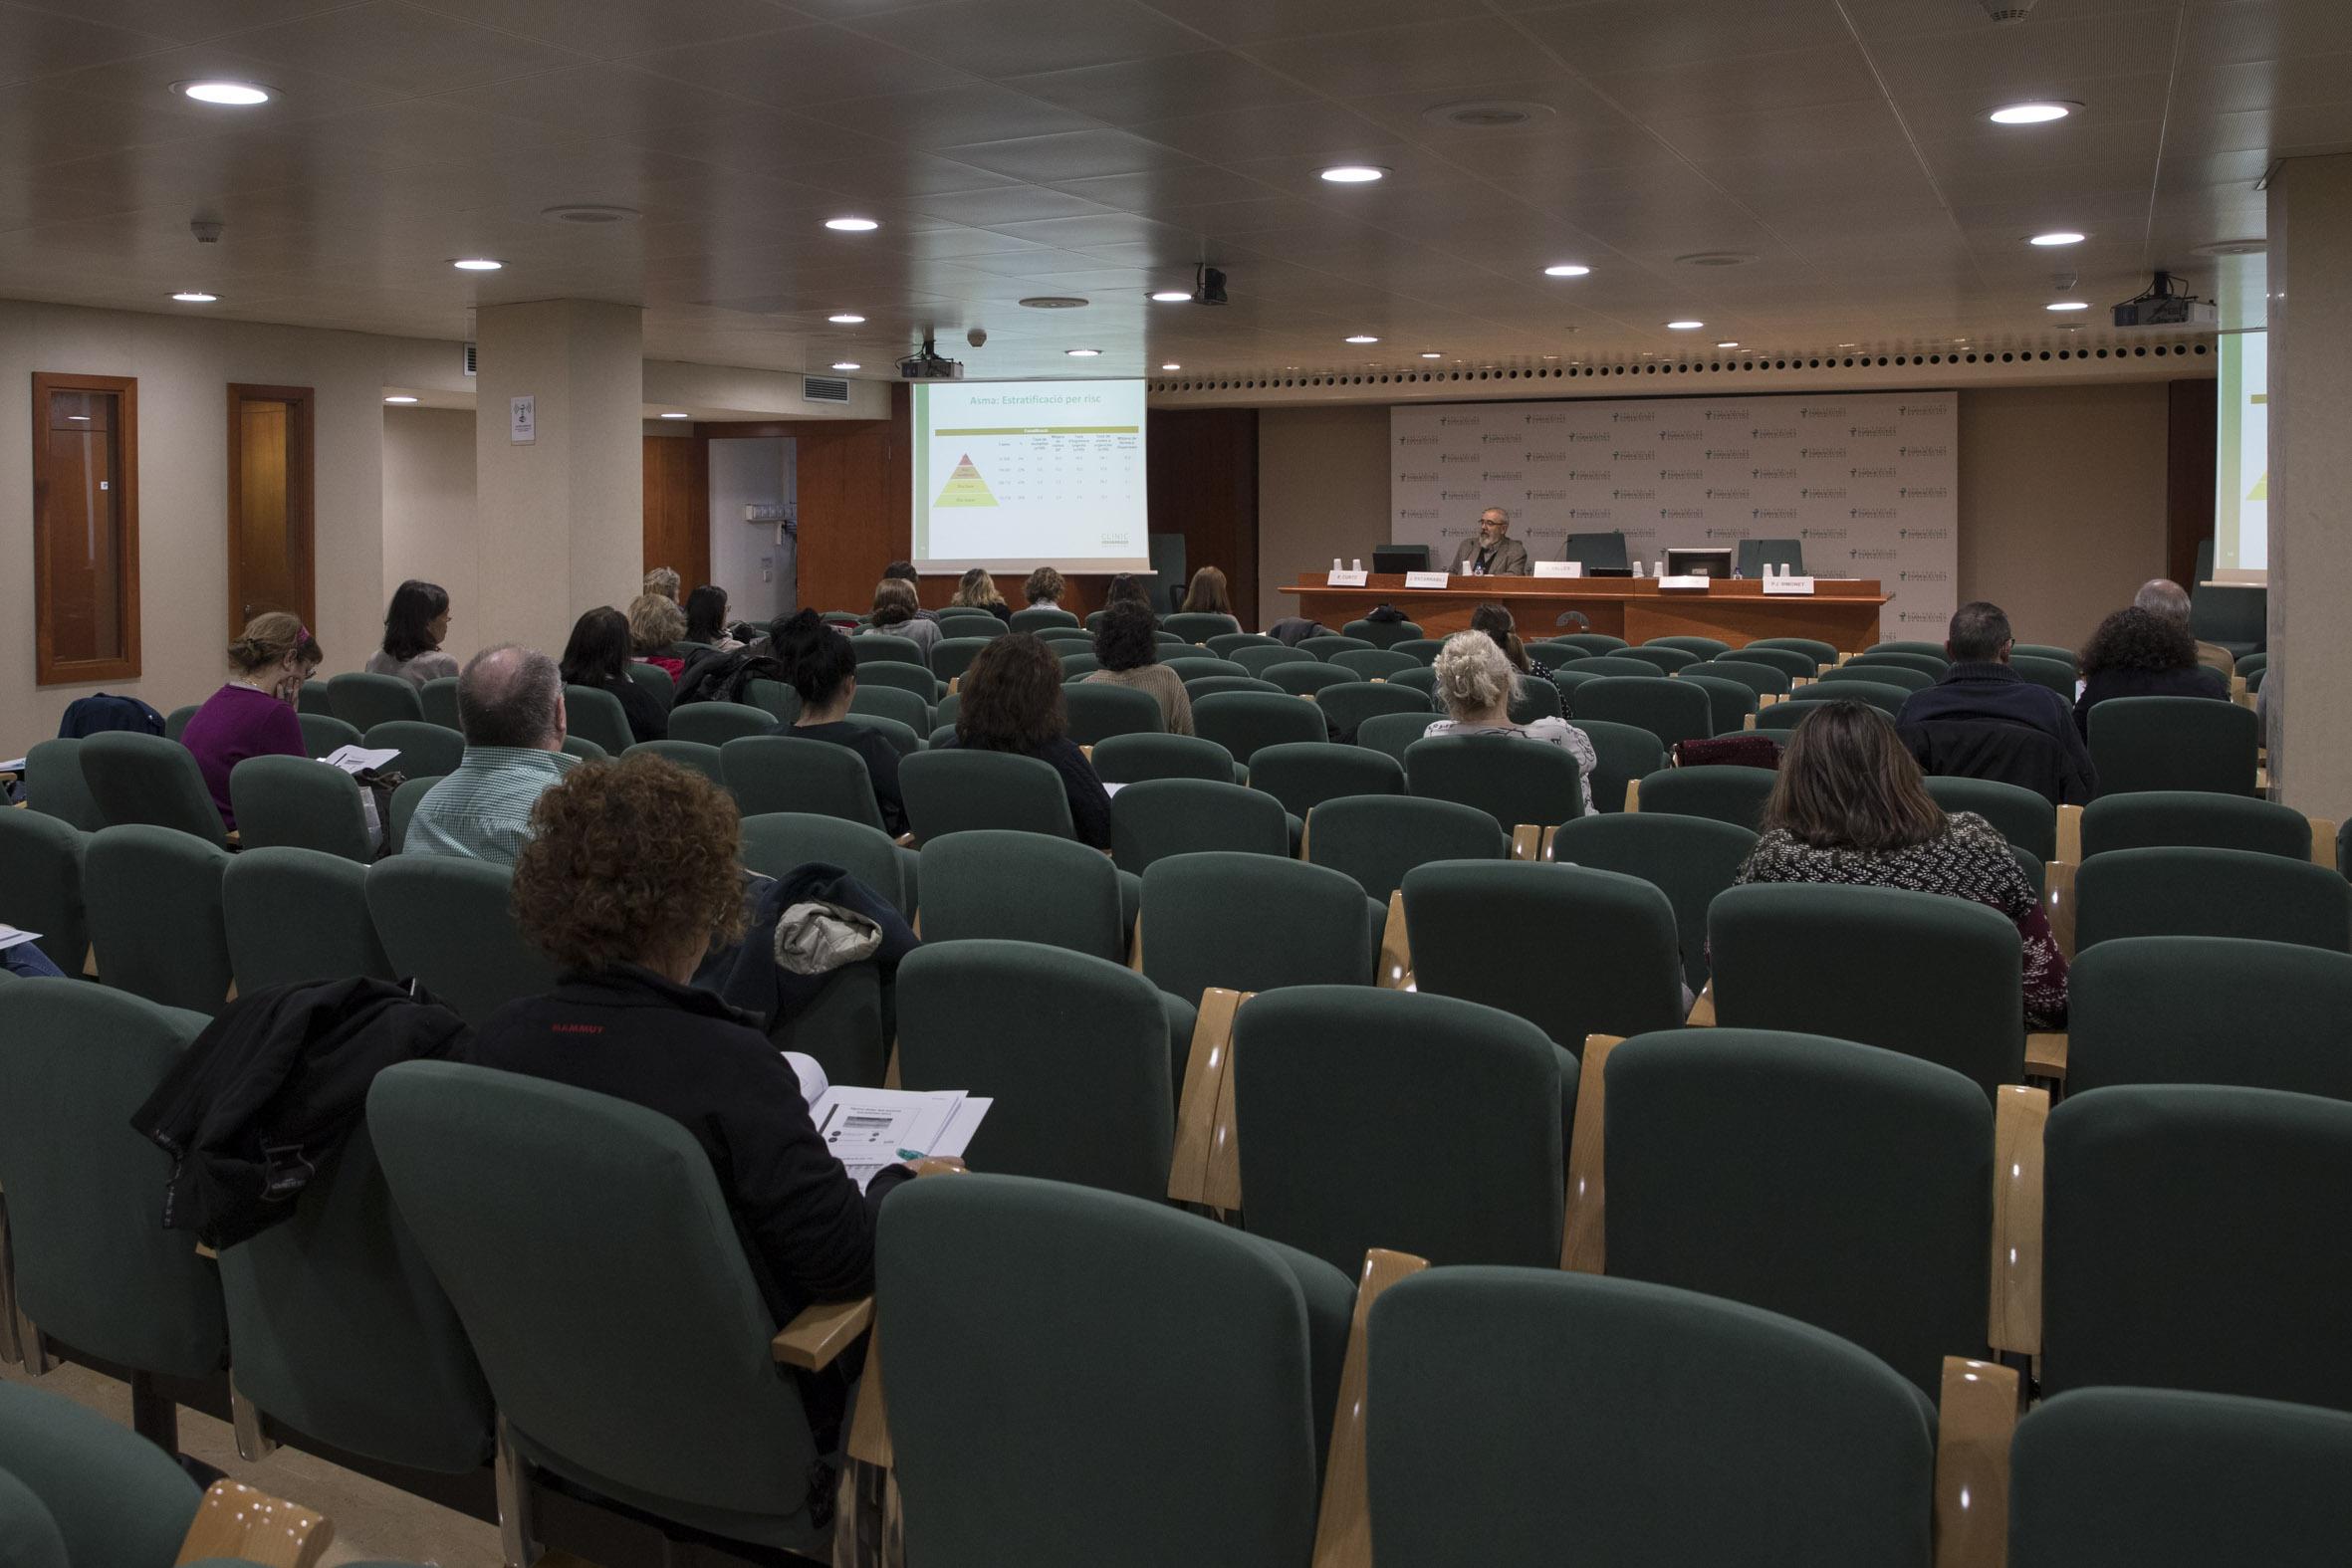 Les ponències van permetre als assistents tenir una visió global de les evidències científiques i estratègies que s'apliquen en el tractament del pacient asmàtic.